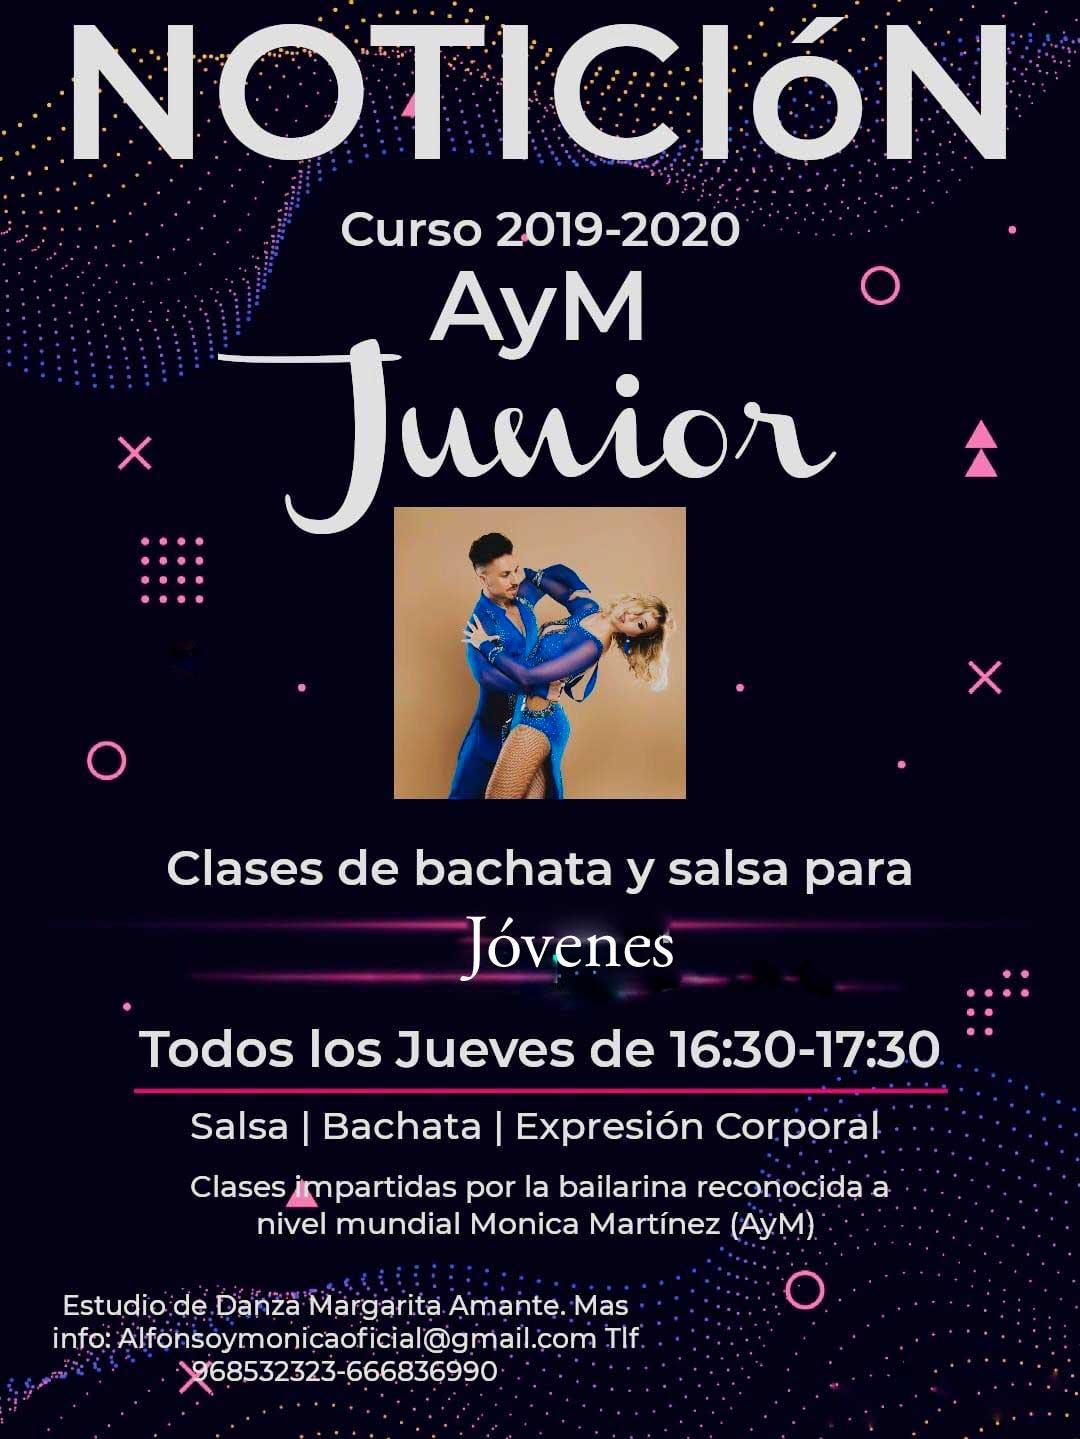 Clases de Bachata y Salsa para niños, jóvenes, junior en Murcia